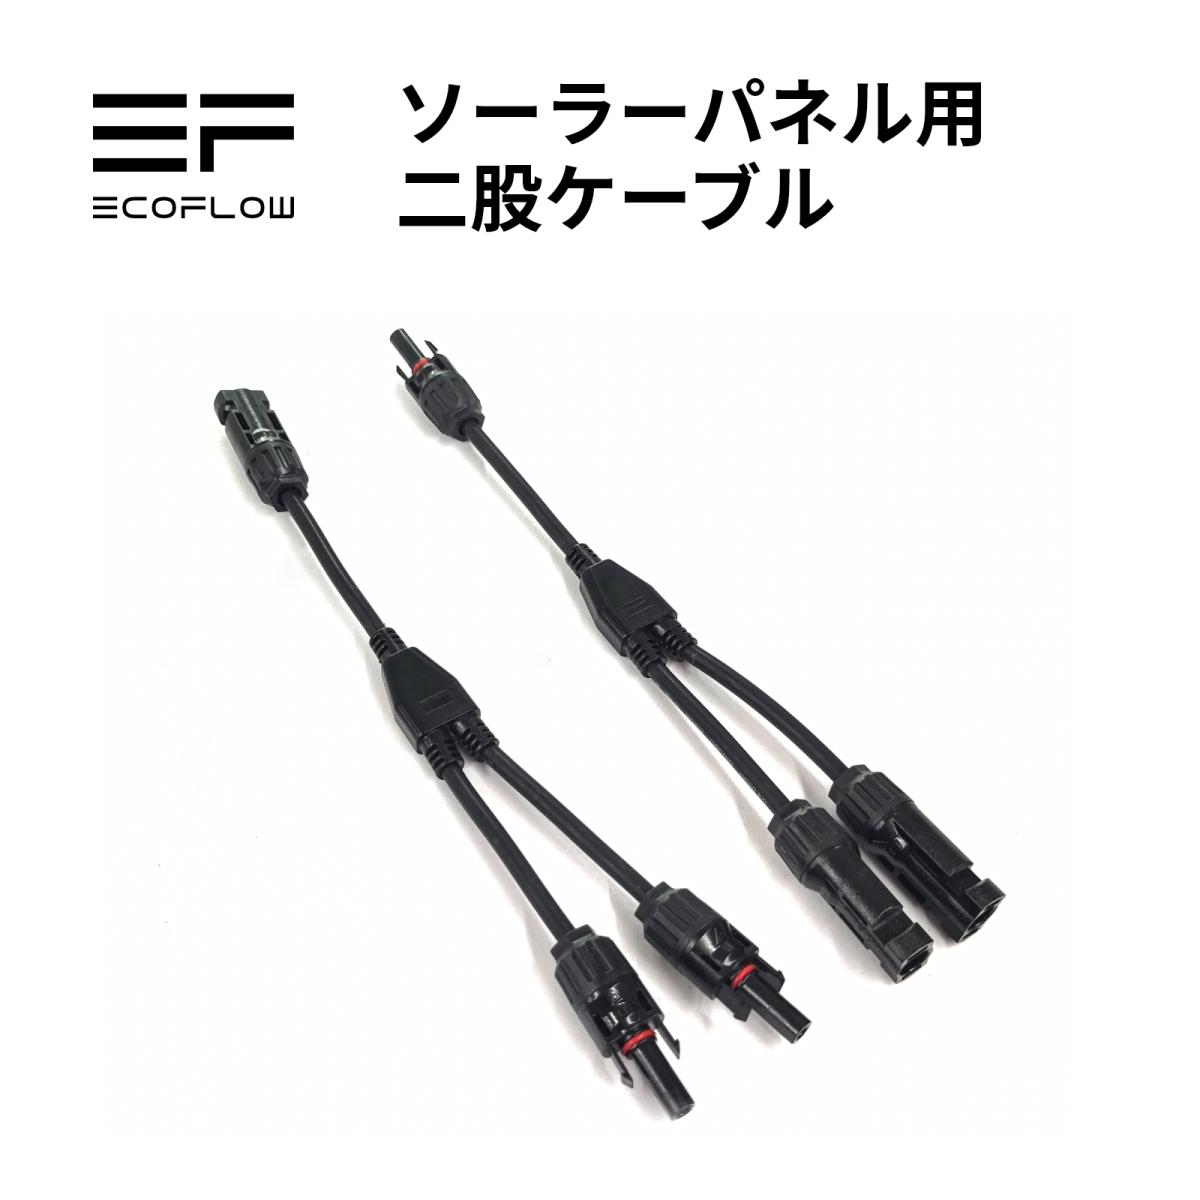 【安心の公式ストア】EcoFlow 110W ソーラーチャージャー用 二股ケーブル | ポータブル電源 ソーラーパネル